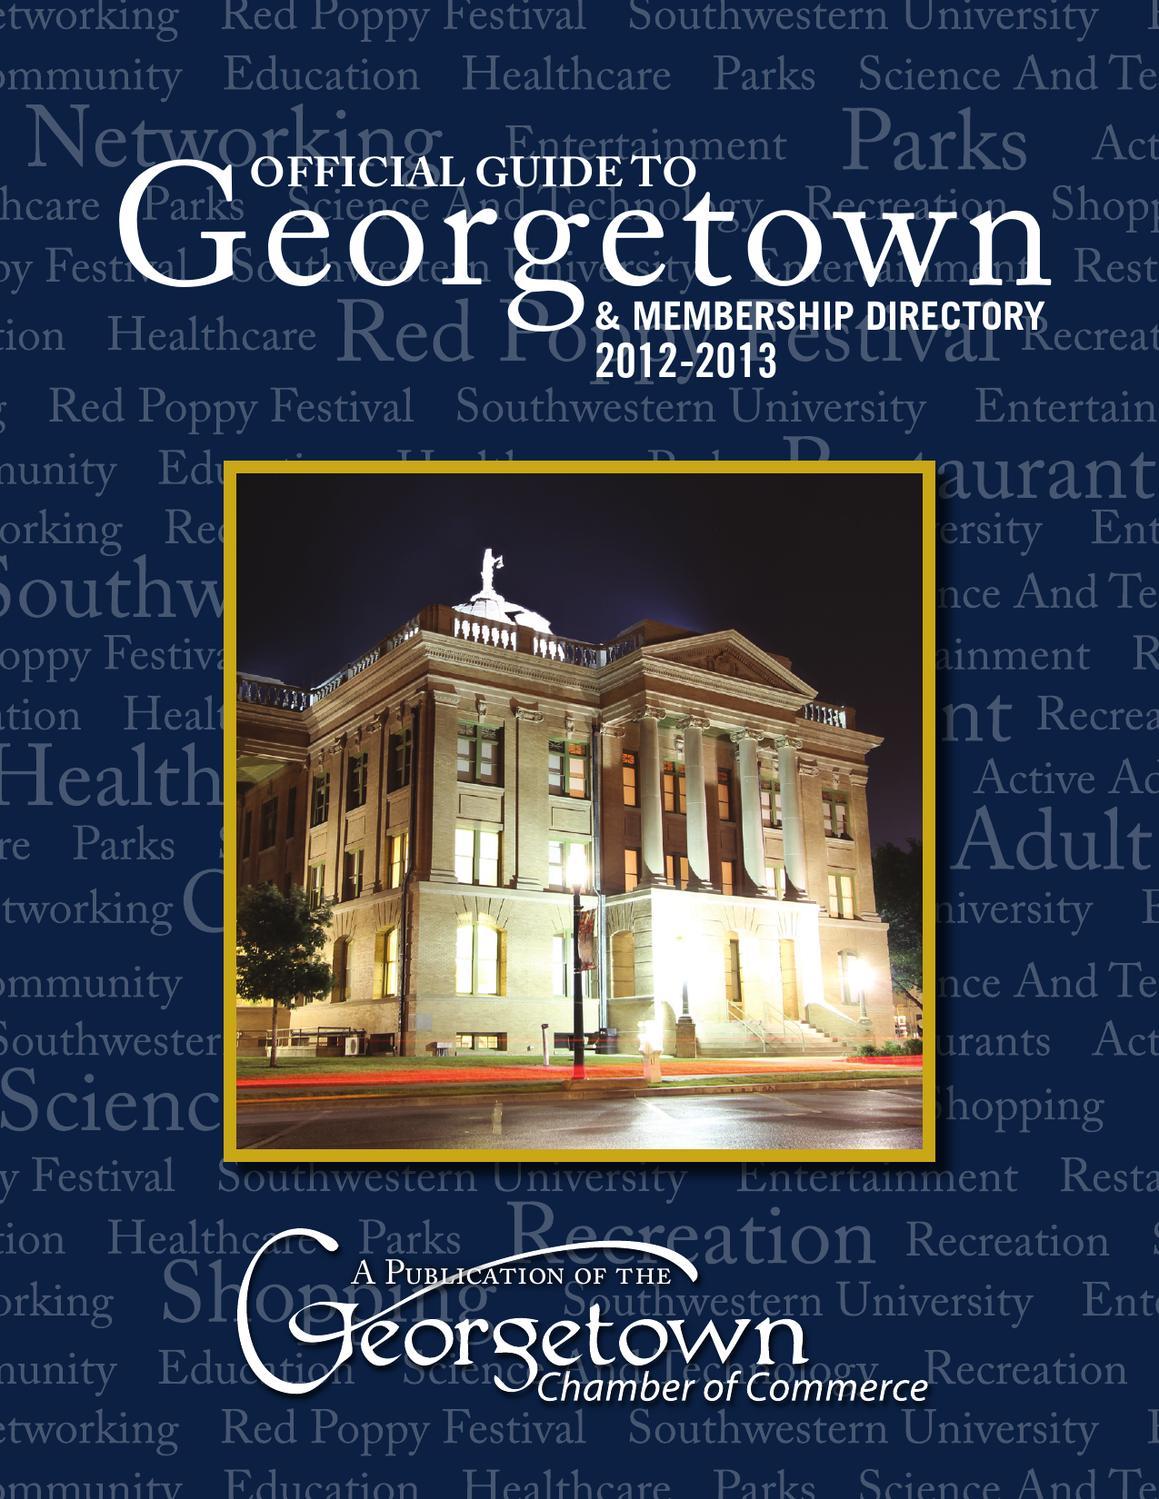 Georgetown Emergency Room Wait Time